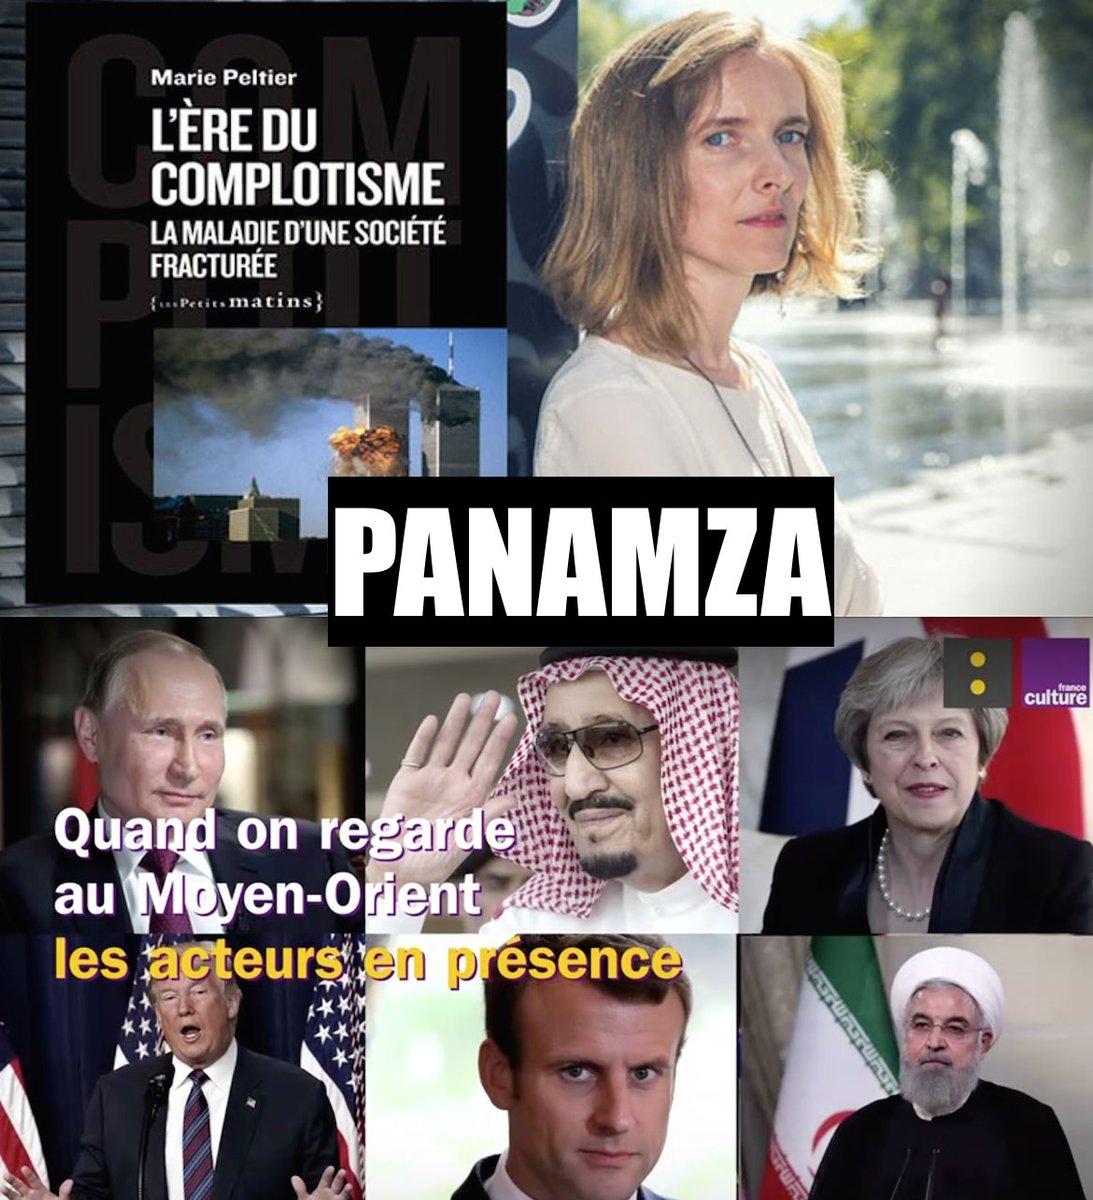 Désinformation : Daech, les Etats-Unis et Israël n'ont aucun lien selon France Culture et Marie Peltier